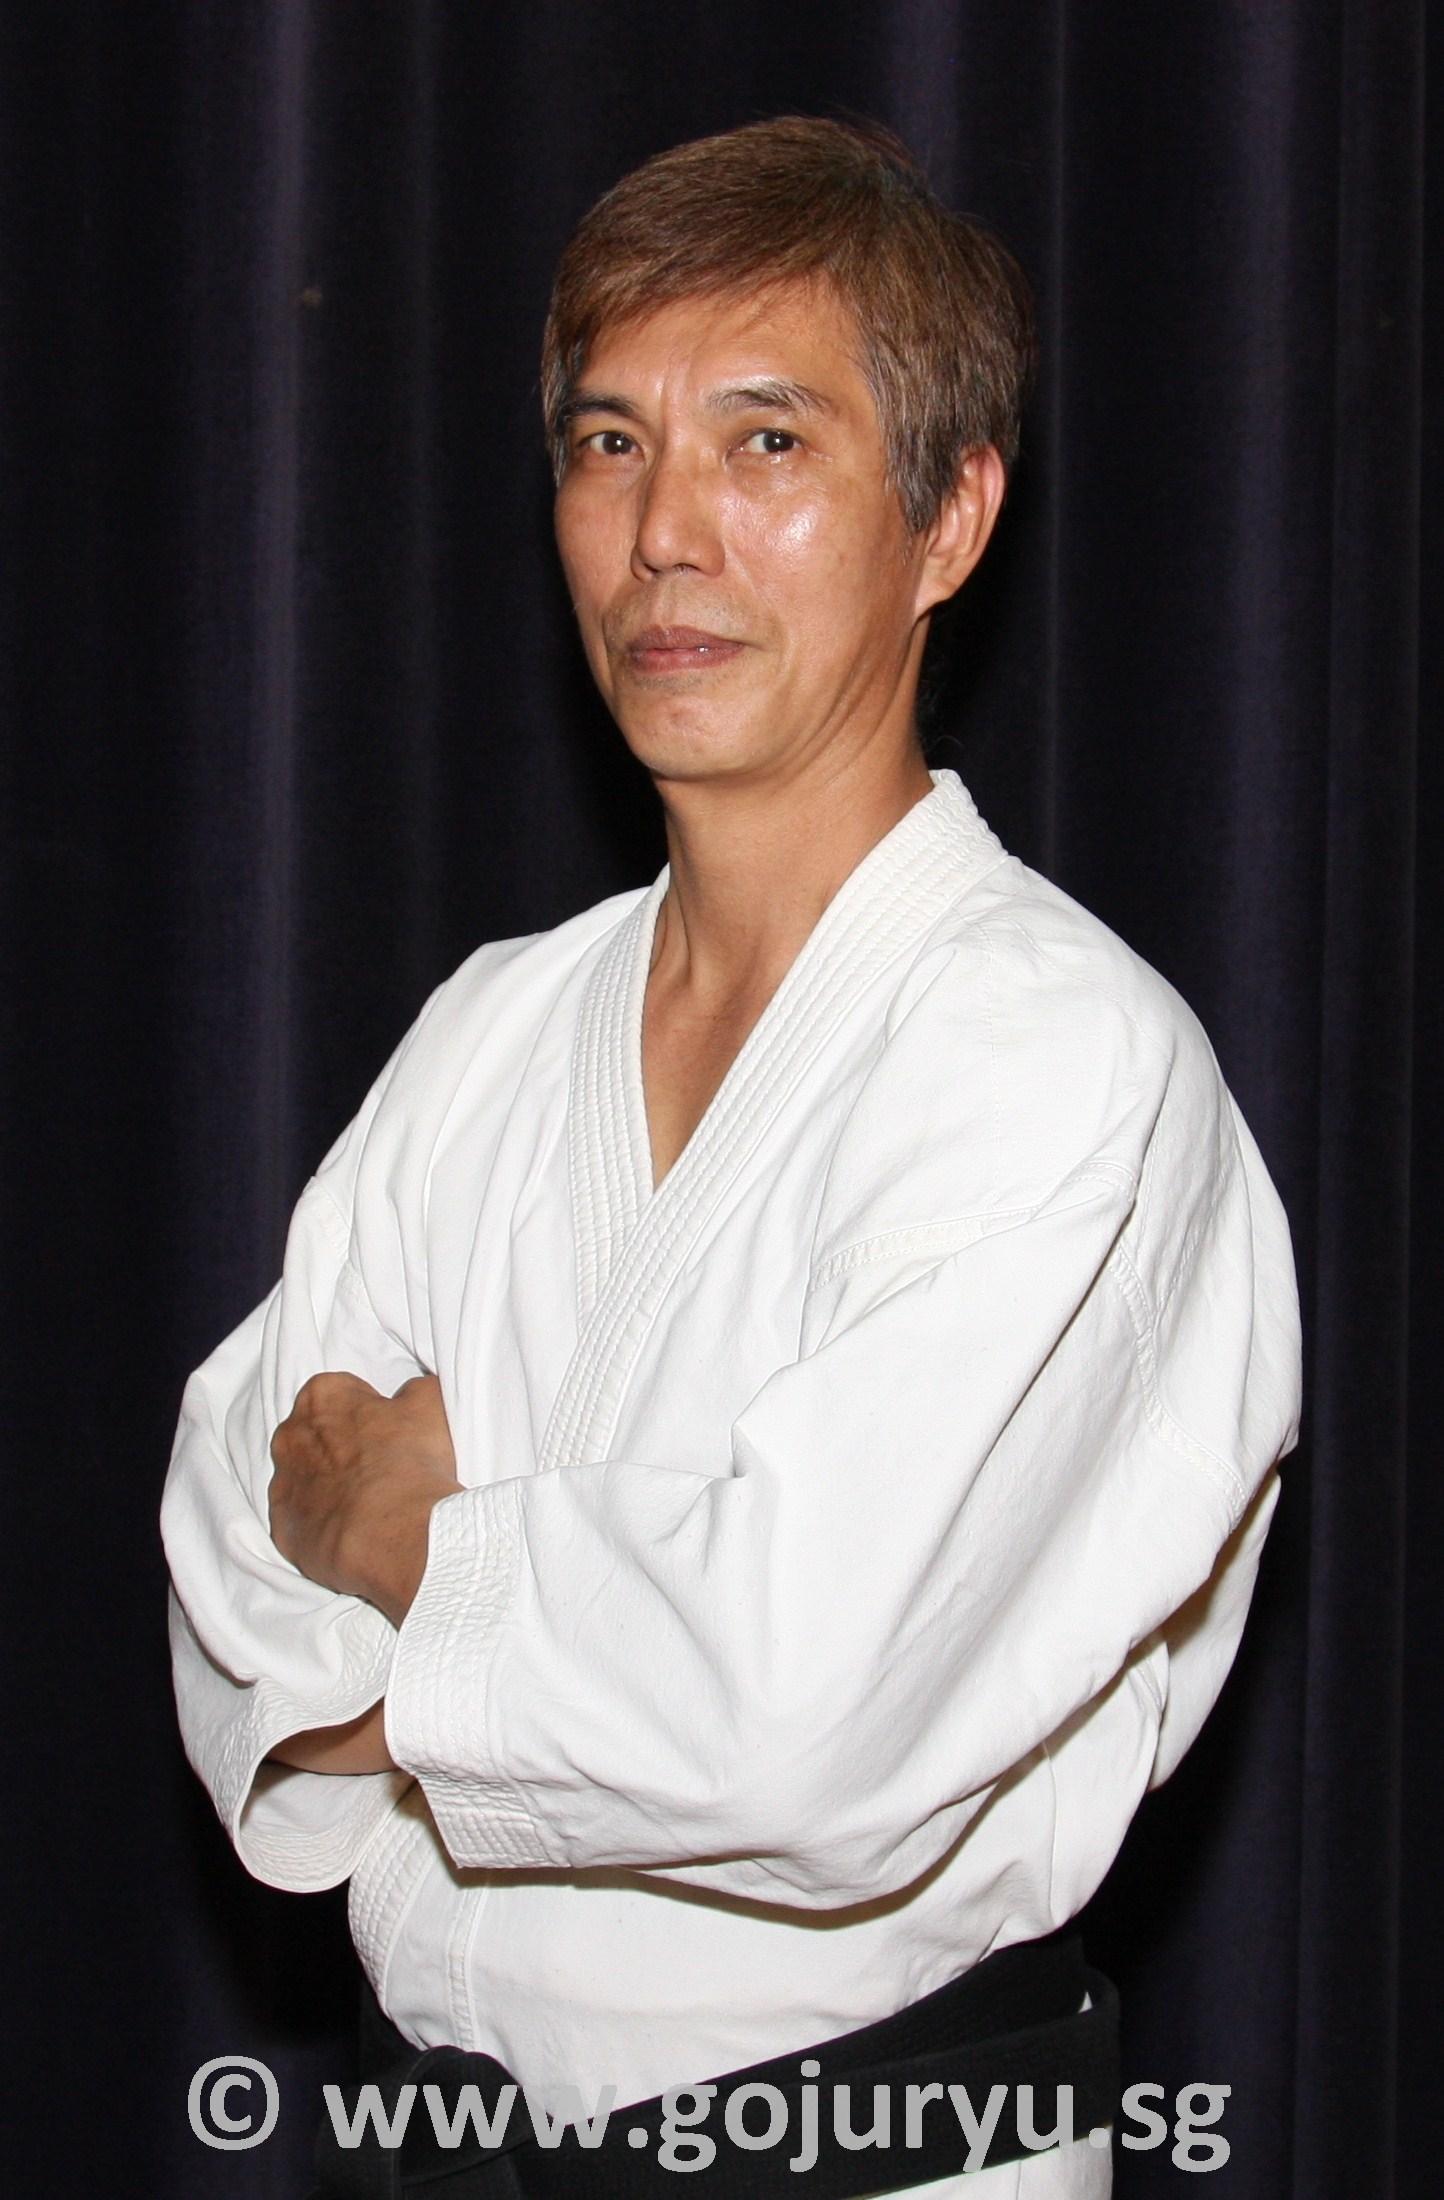 Sensei William Seng